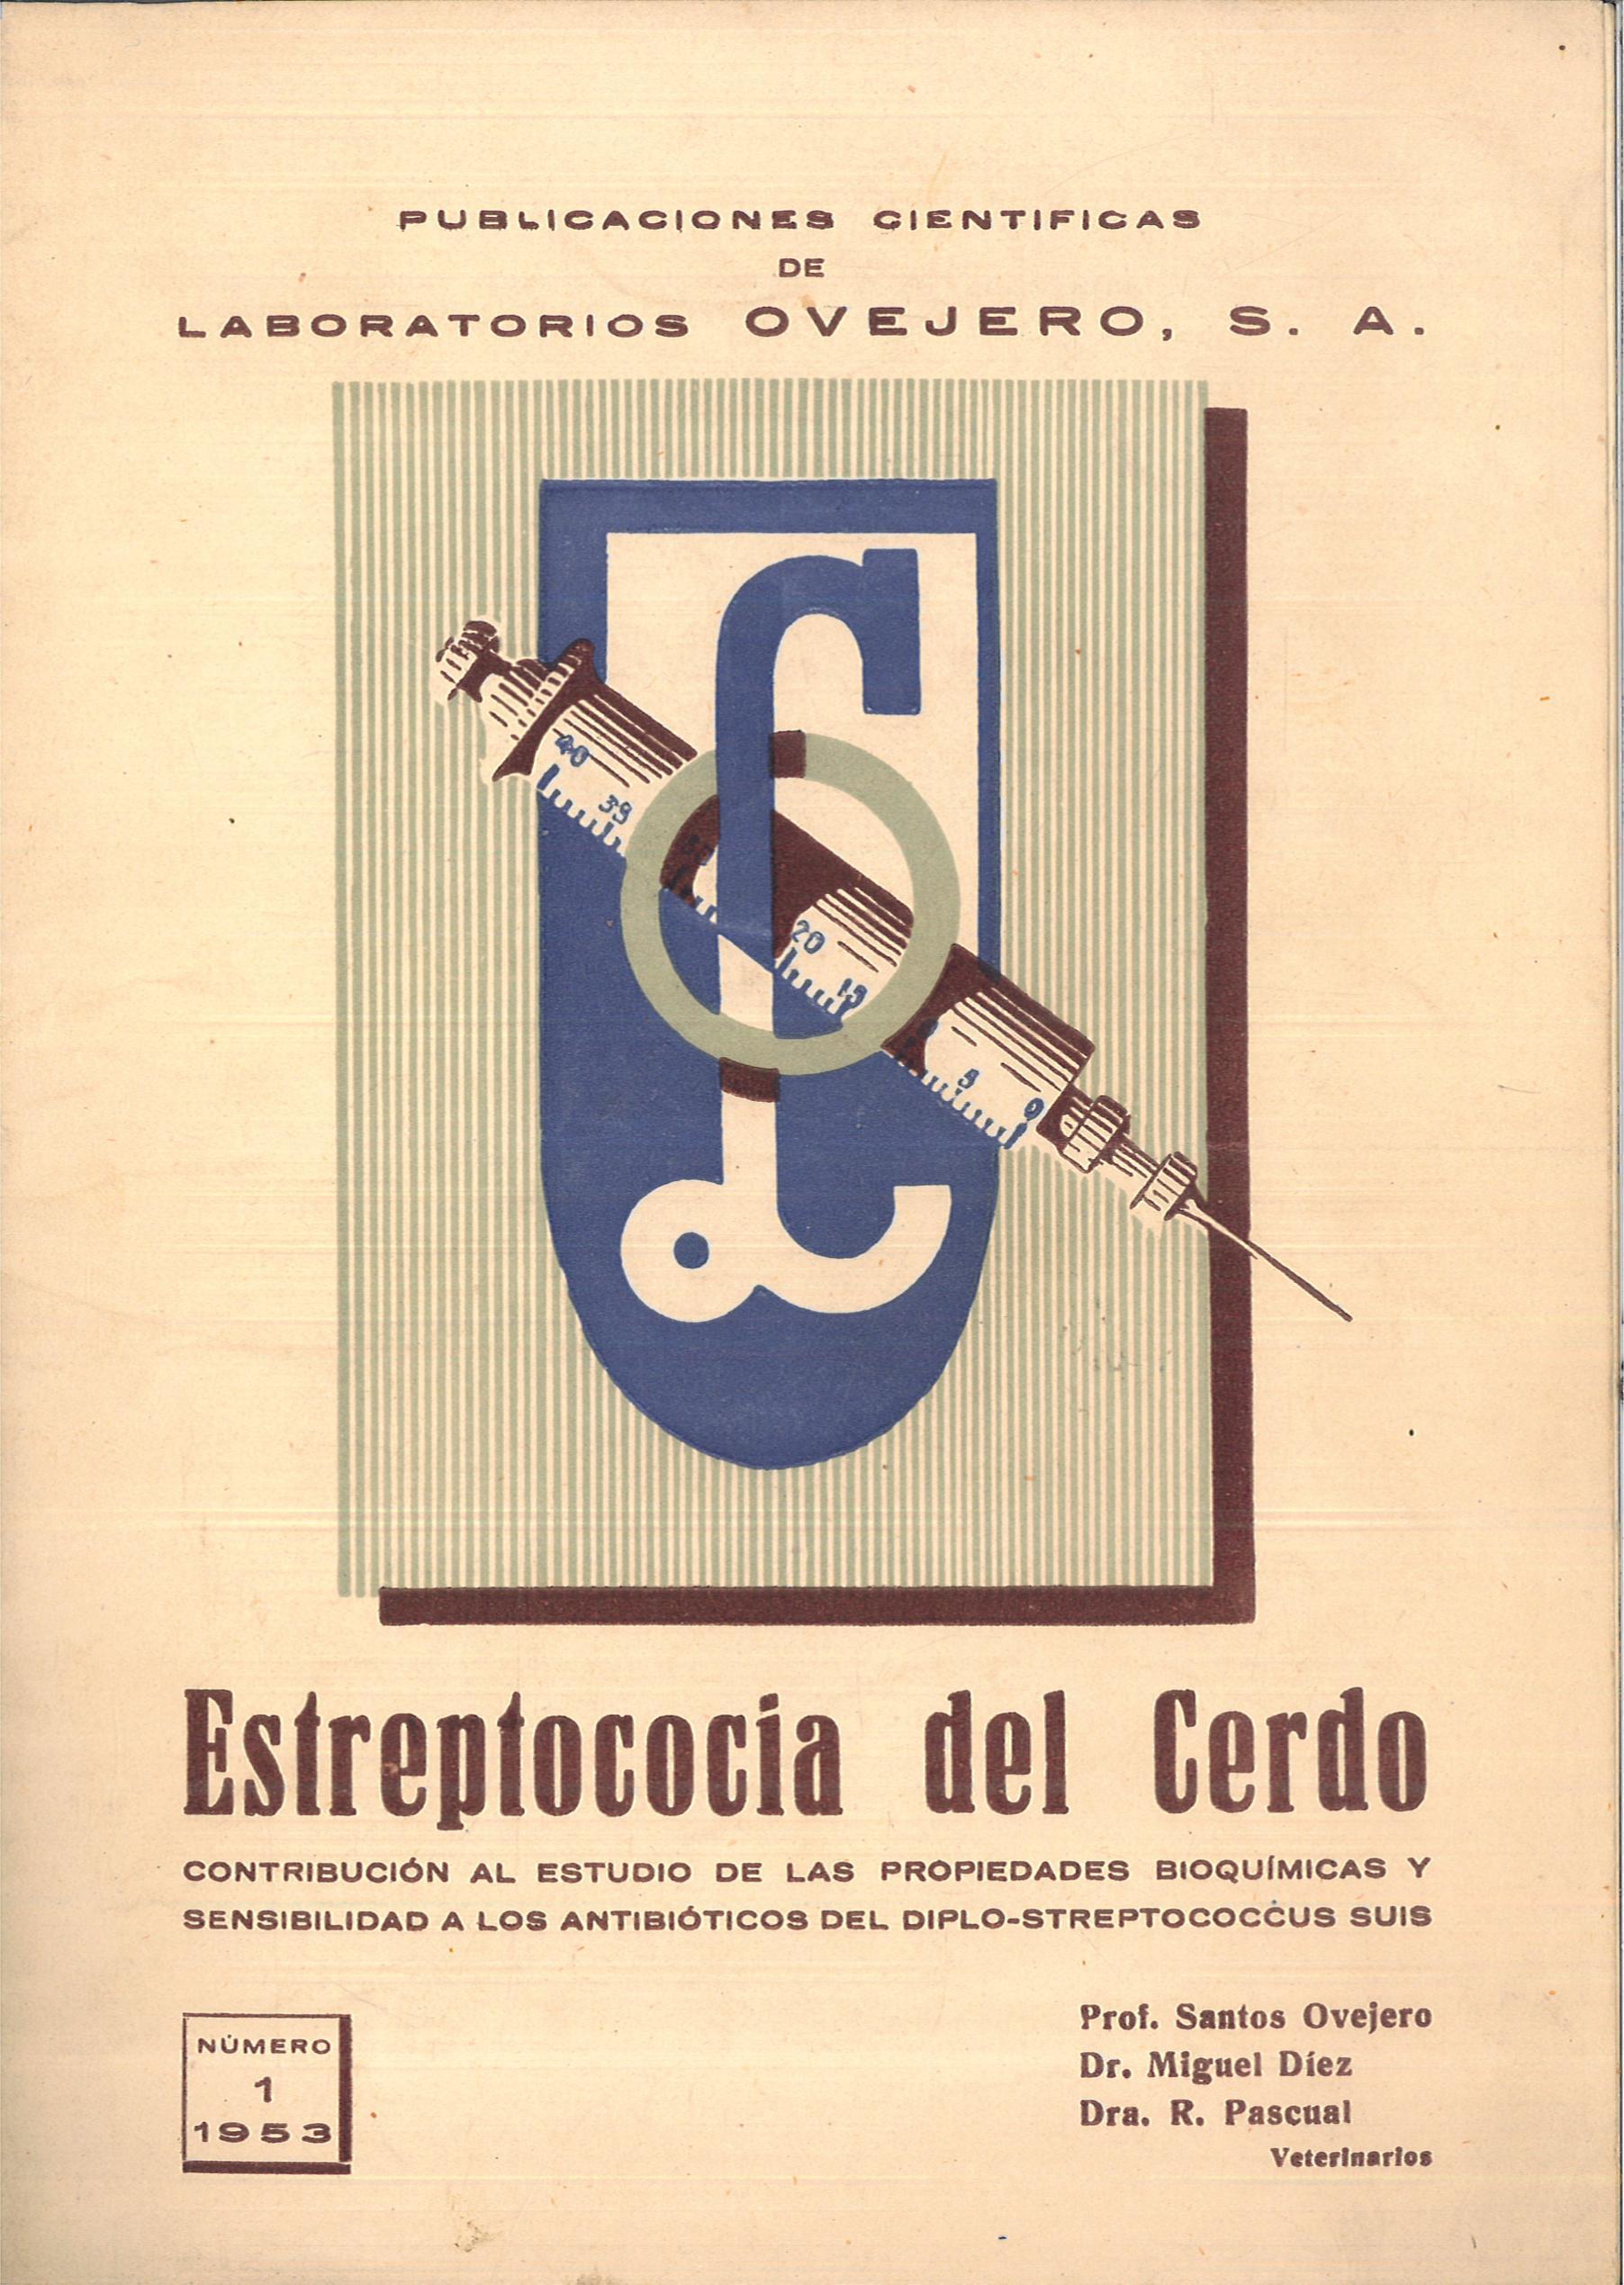 ESTREPTOCOCIA DEL CERDO (Contribución al estudio de las propiedad bioquímicas y sensibilidad a los antibióticos del diplo Streptococcus suis). Número 1 (1953). Prof. Santos Ovejero; Dr. Miguel Díez y Dra. R. Pascual